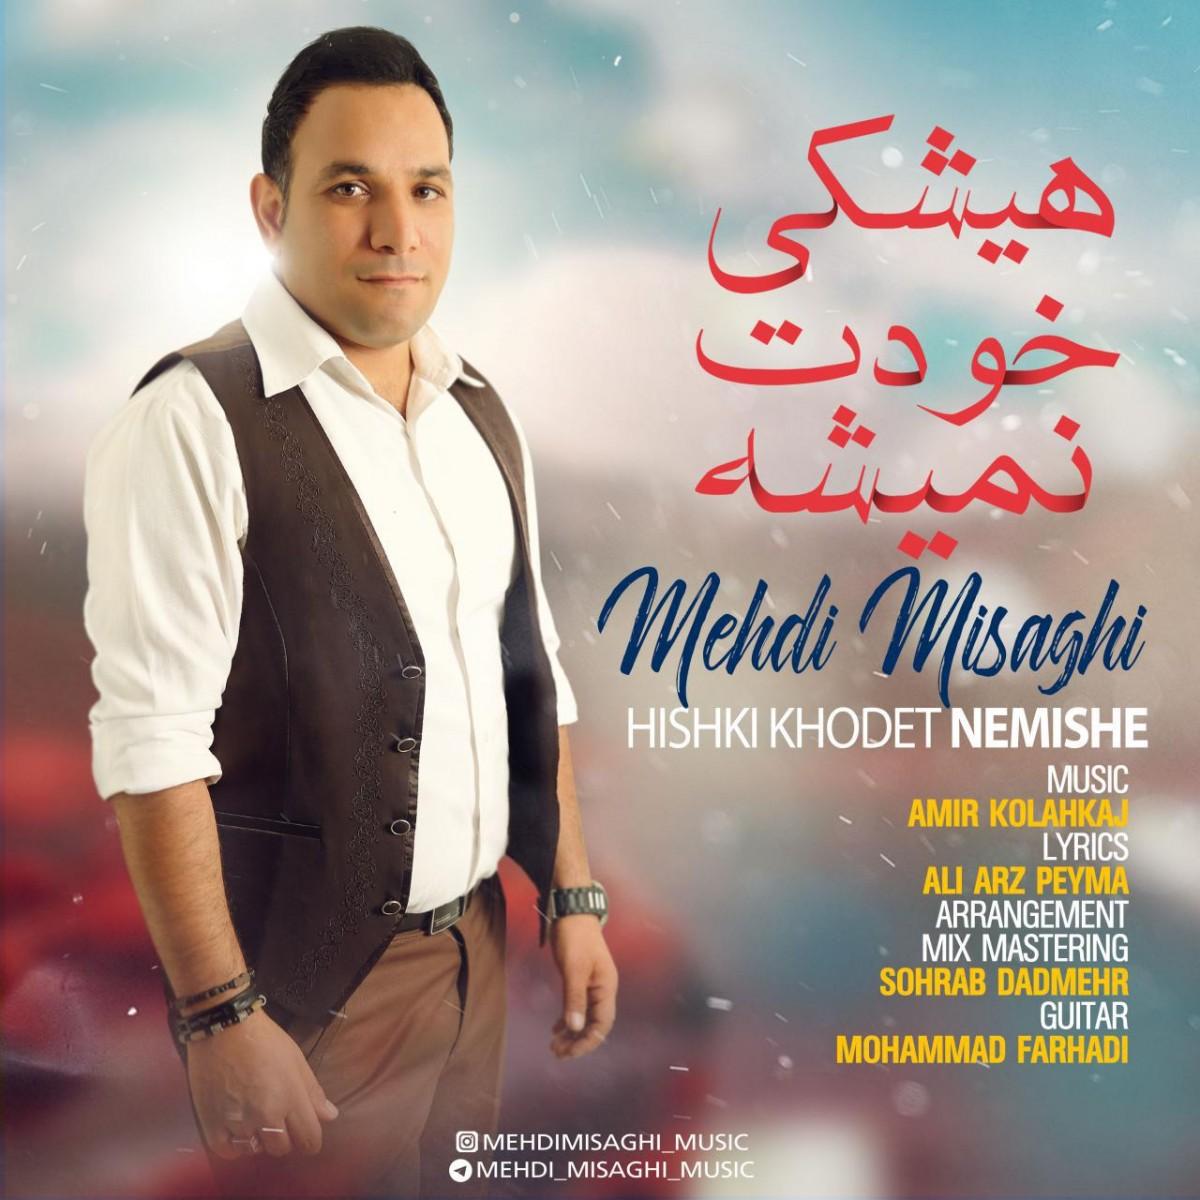 نامبر وان موزیک | دانلود آهنگ جدید Mehdi-Misaghi-Hichki-Khodet-Nemishe